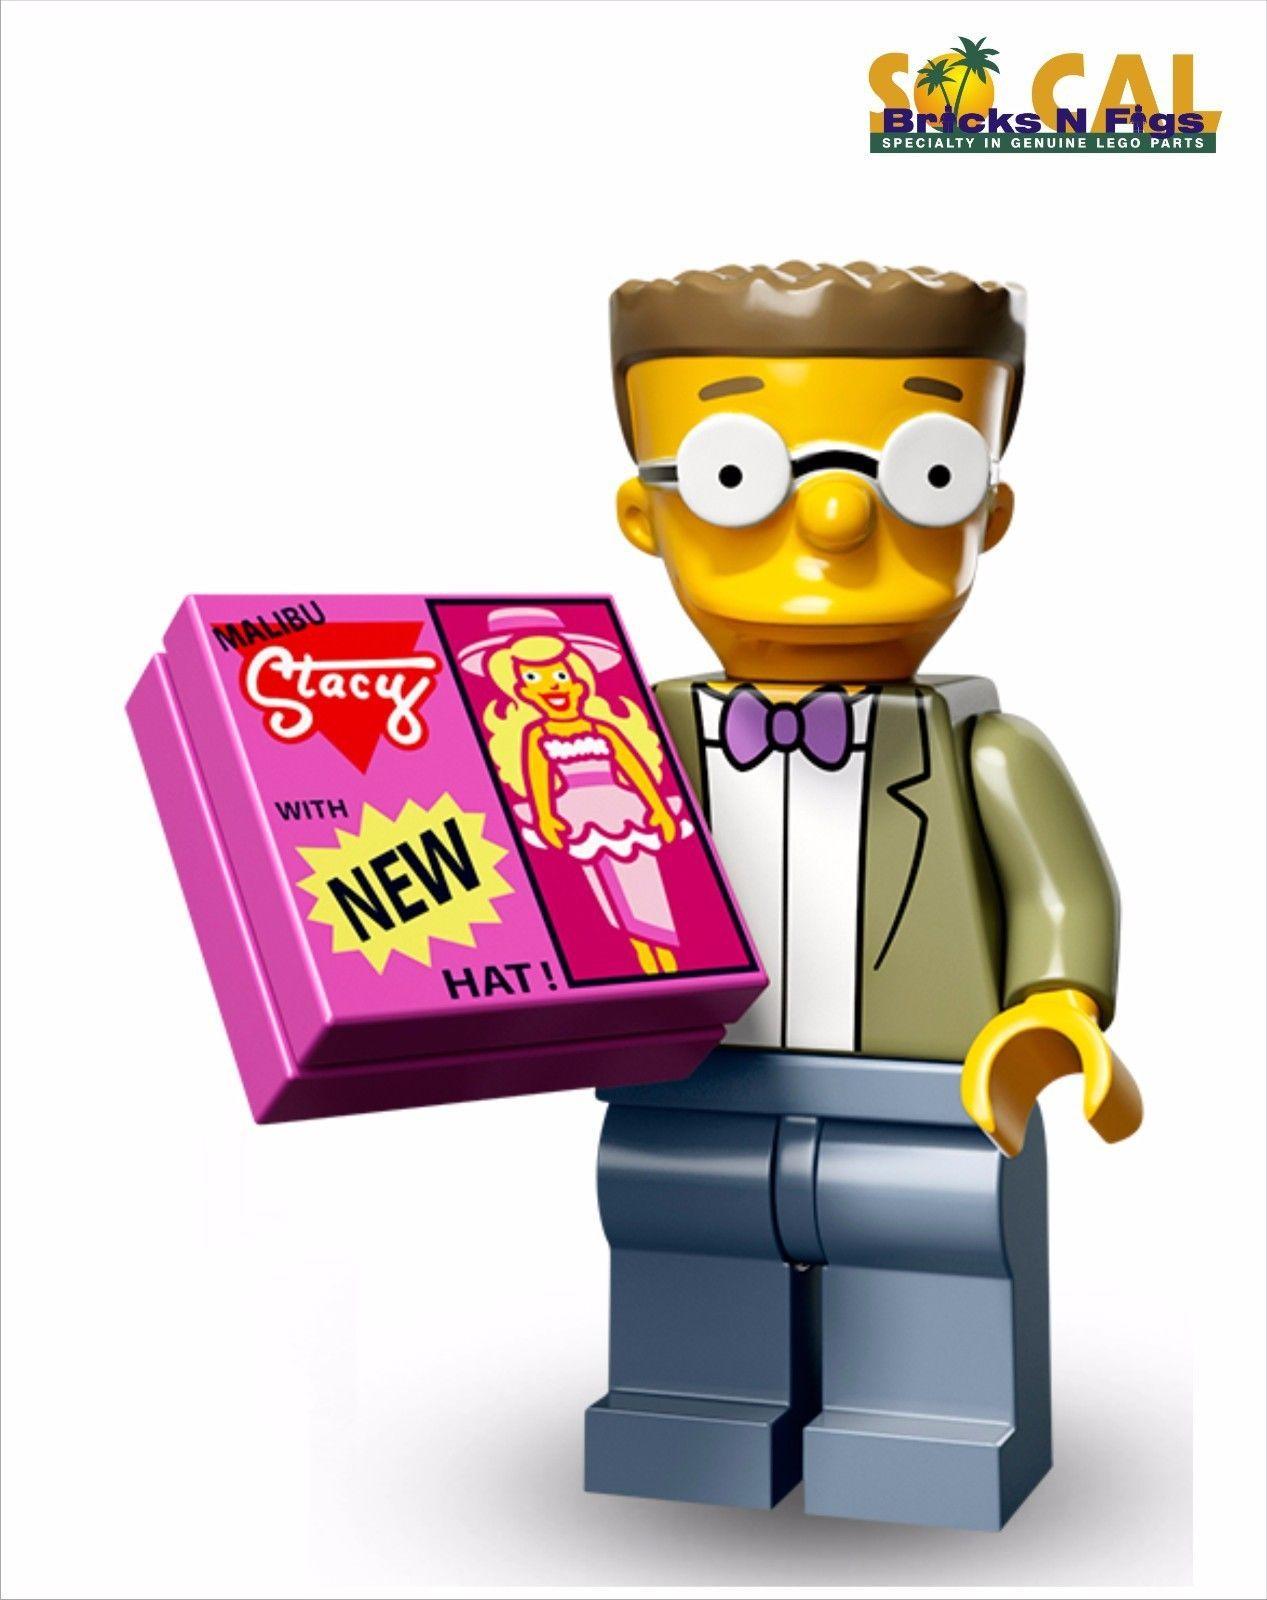 LEGO 71009 Simpsons Series 2 Bart Unused Code